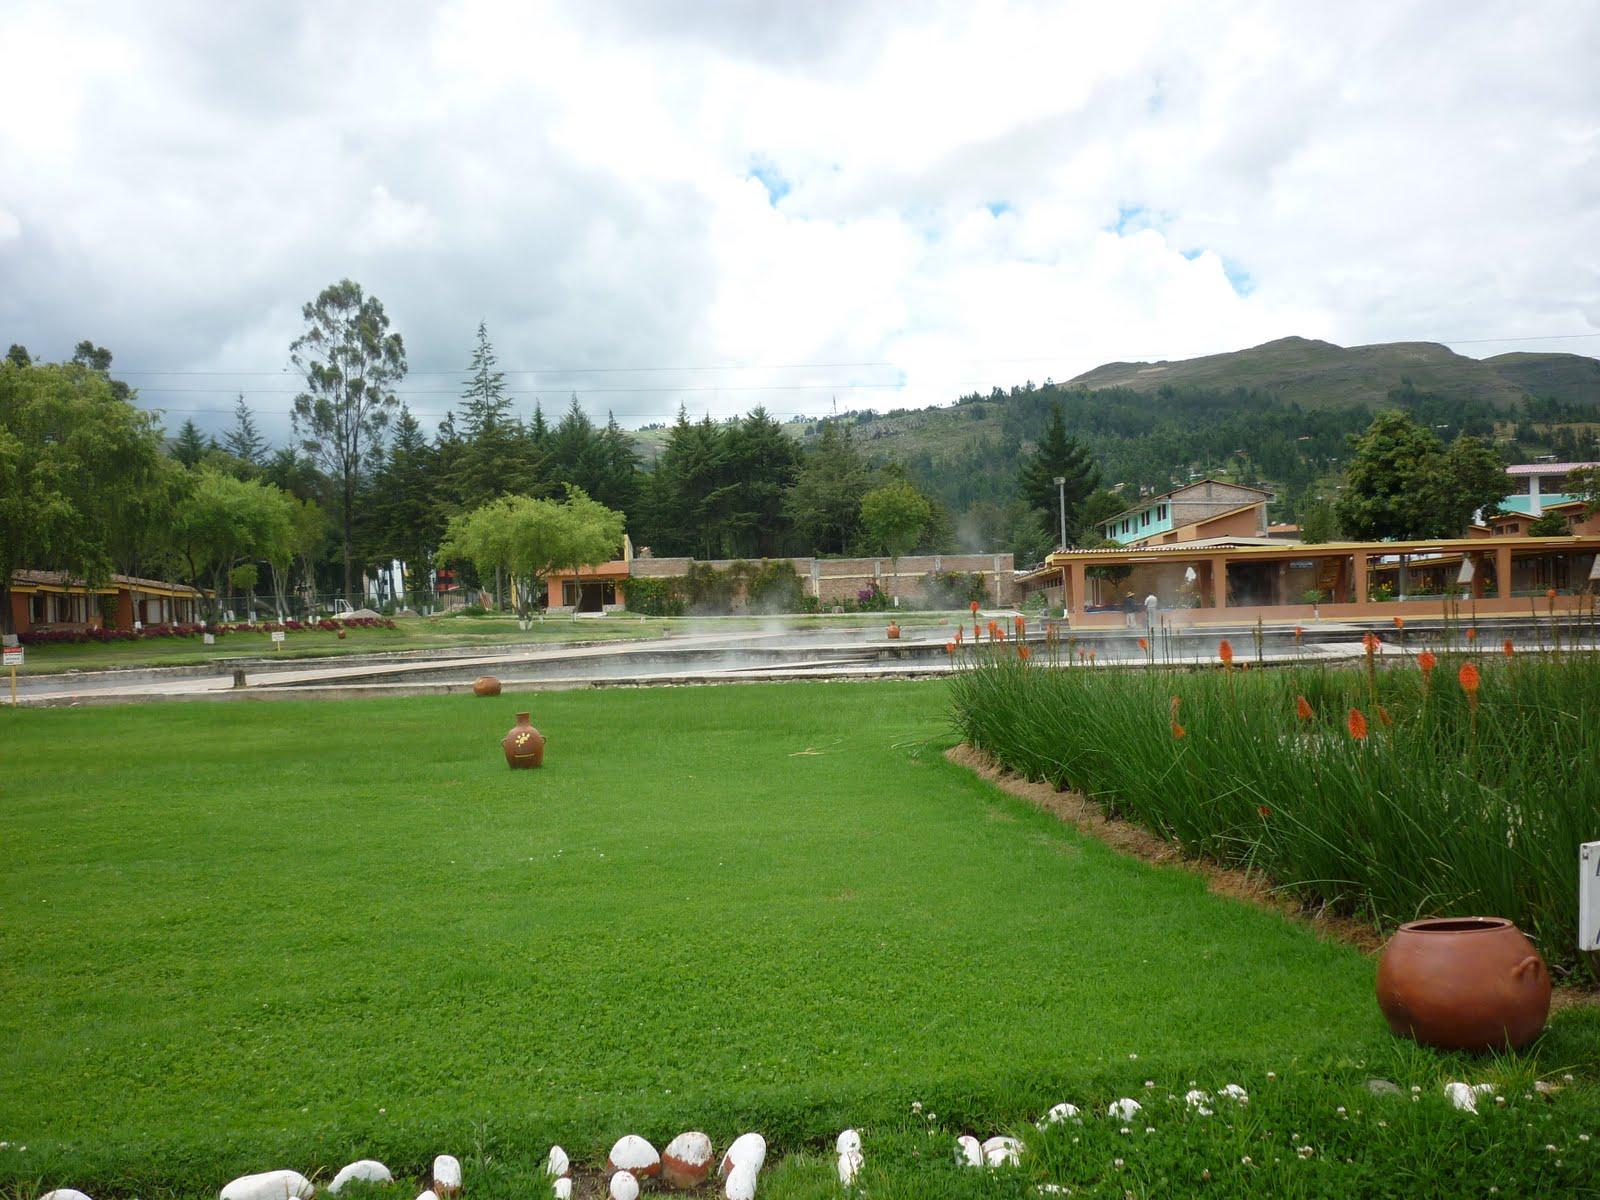 Imagenes De Baños Del Inca:Imagenes Cajamarca: Complejo turístico Baños del Inca